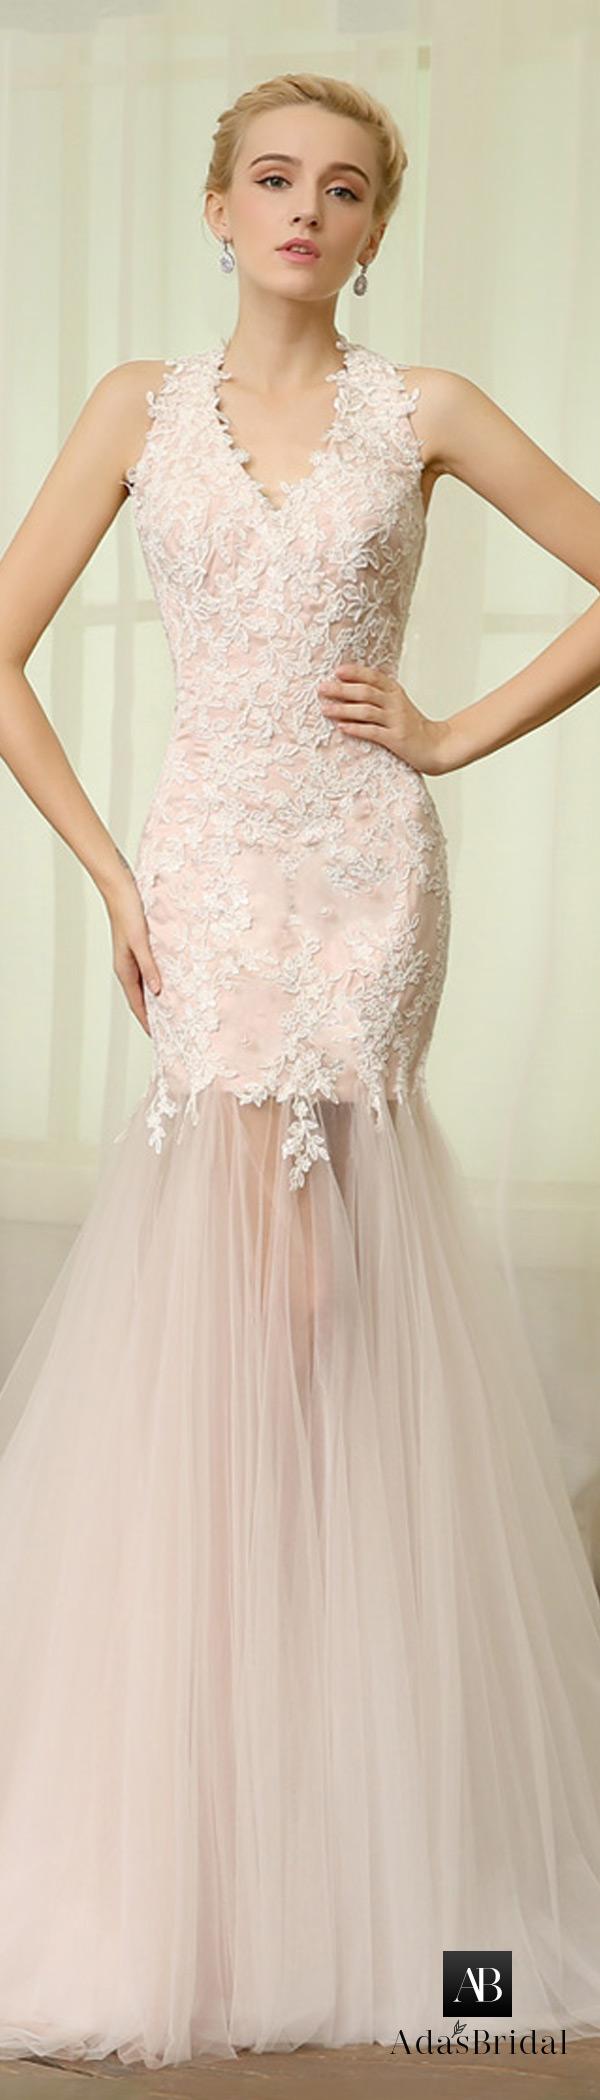 Tulle mermaid wedding dress  Elegant Tulle Halter Neckline Mermaid Wedding Dress  Wedding